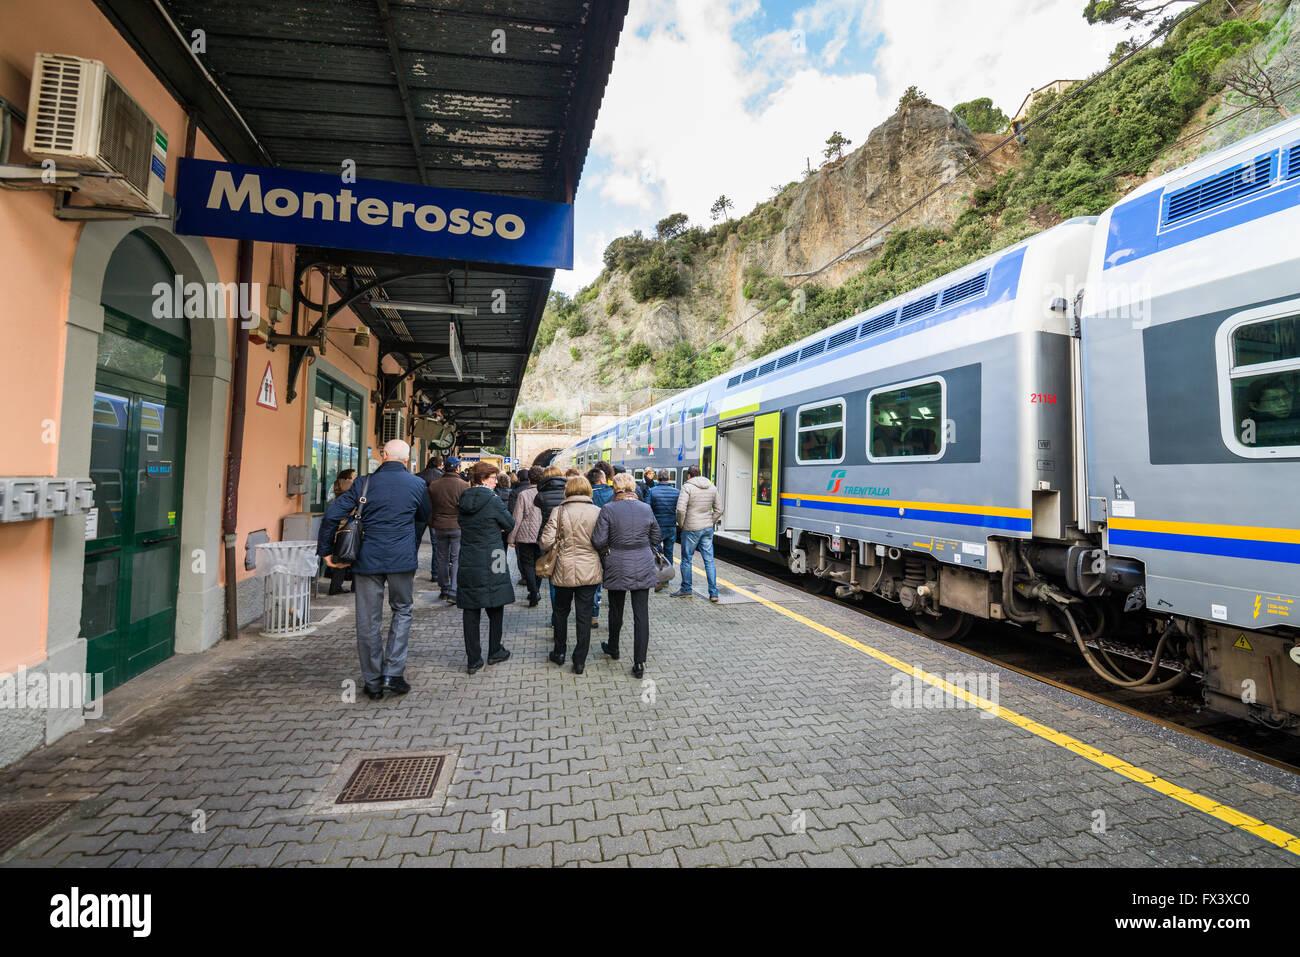 Train station in  Monterosso al Mare, Cinque terre, Italy, Europe - Stock Image